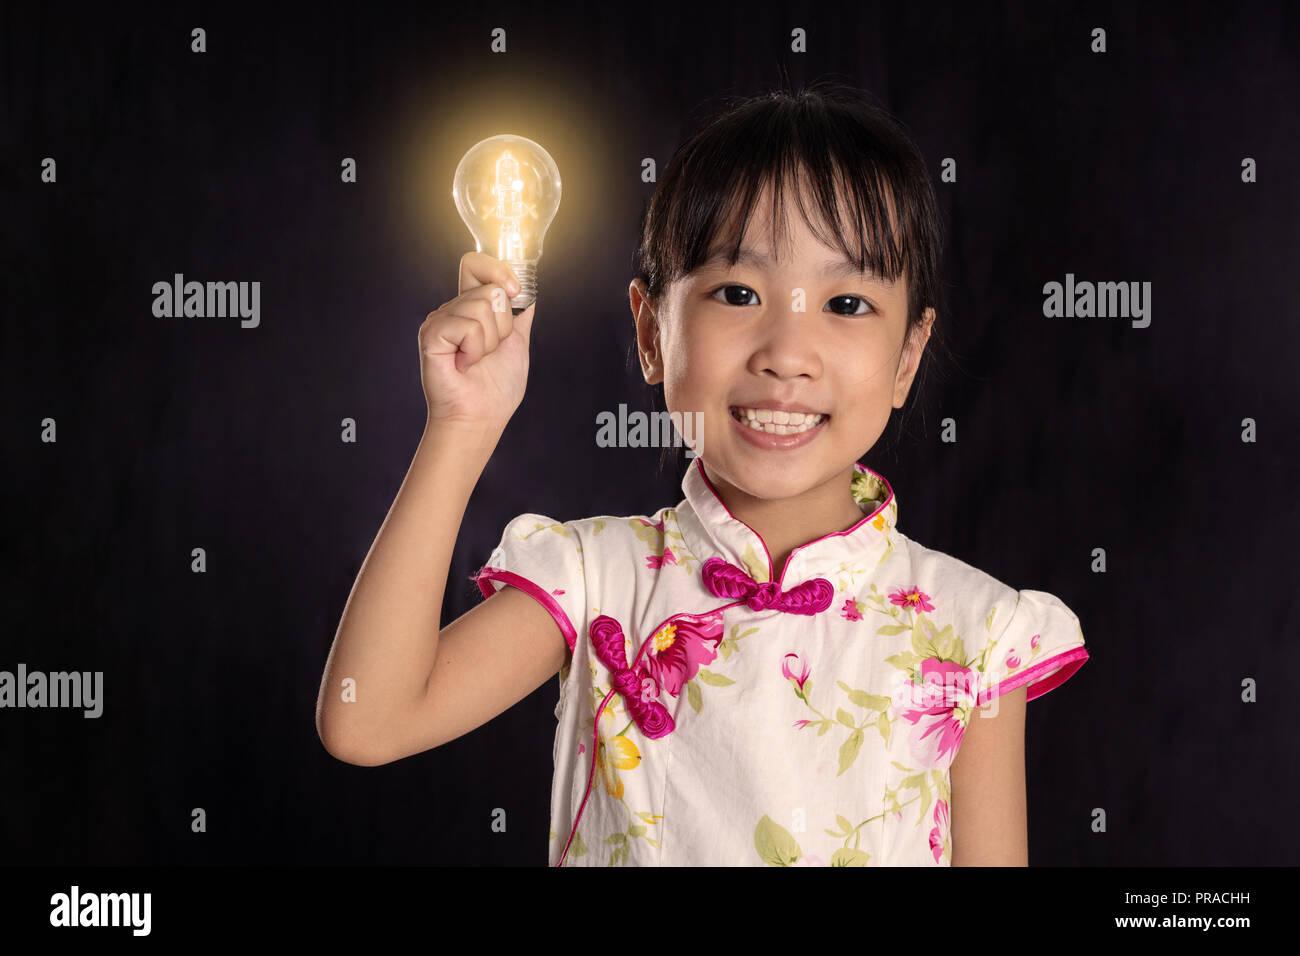 Chinois asiatique petite fille tenant une ampoule dans l'arrière-plan noir isolé Photo Stock